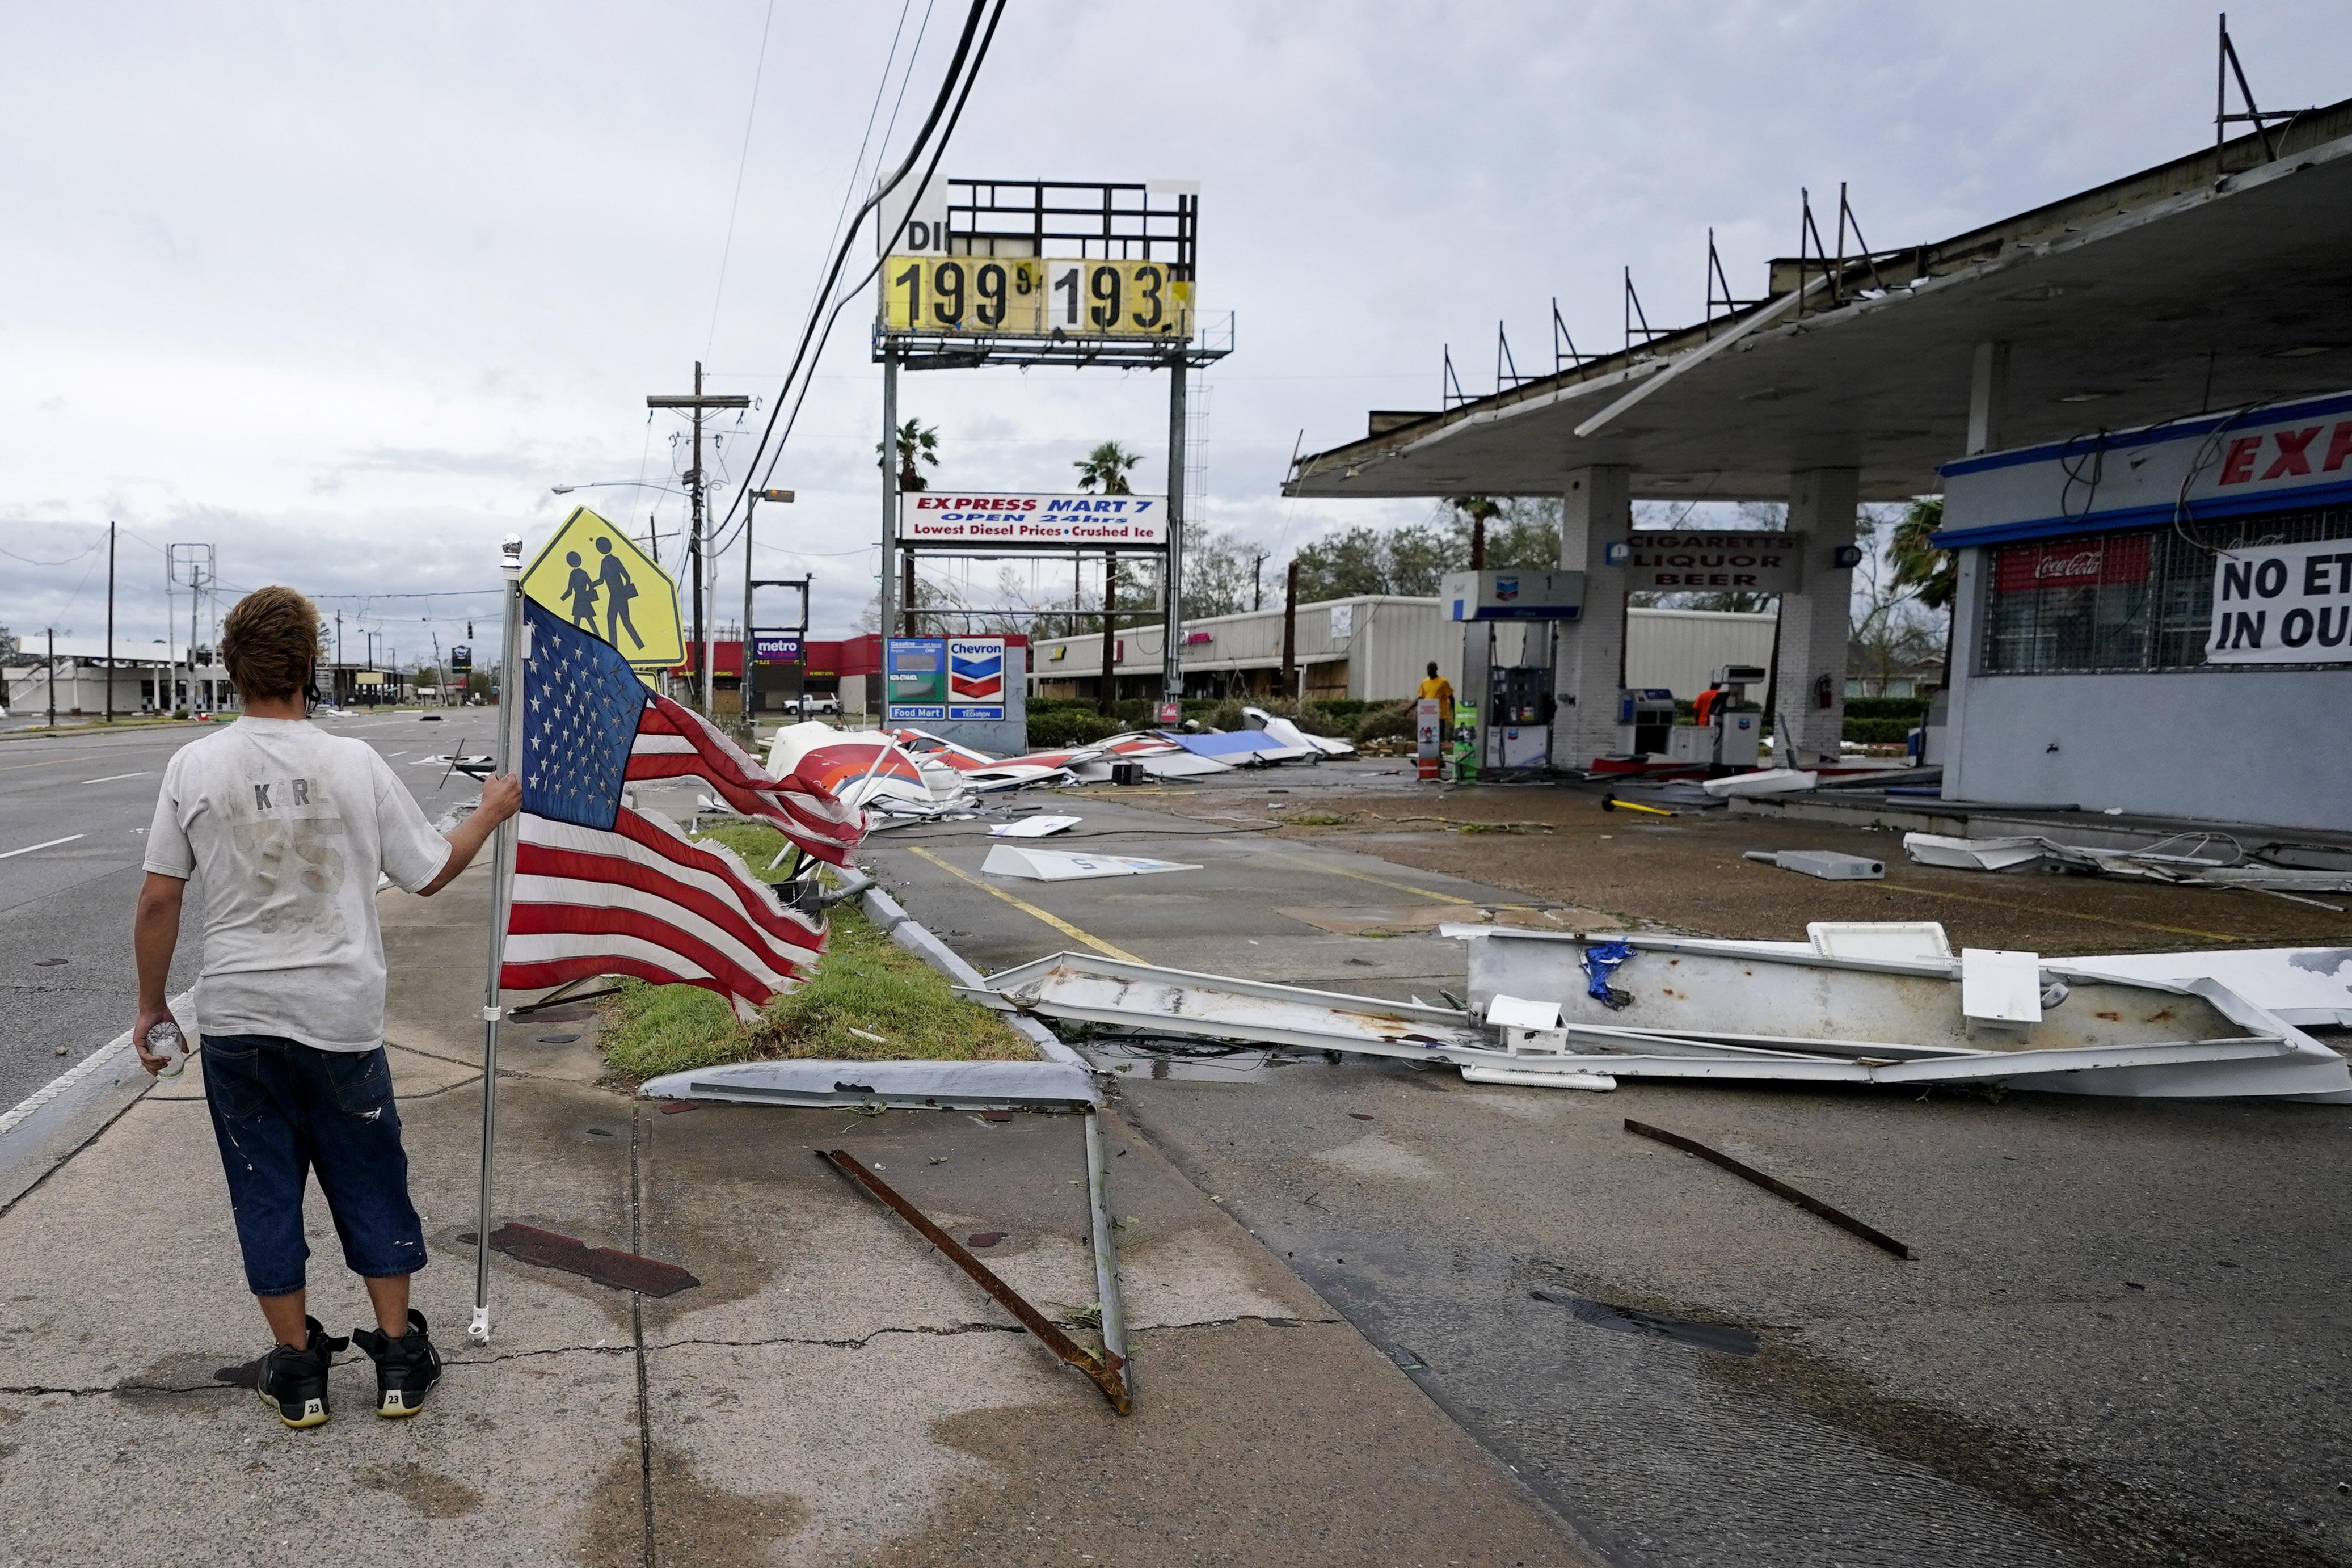 Dustin Amos camina cerca de los escombros en una gasolinera este jueves 27 de agosto, en Lake Charles, Lousiana, después de que el huracán Laura atravesara el estado. (Foto AP/Gerald Herbert)